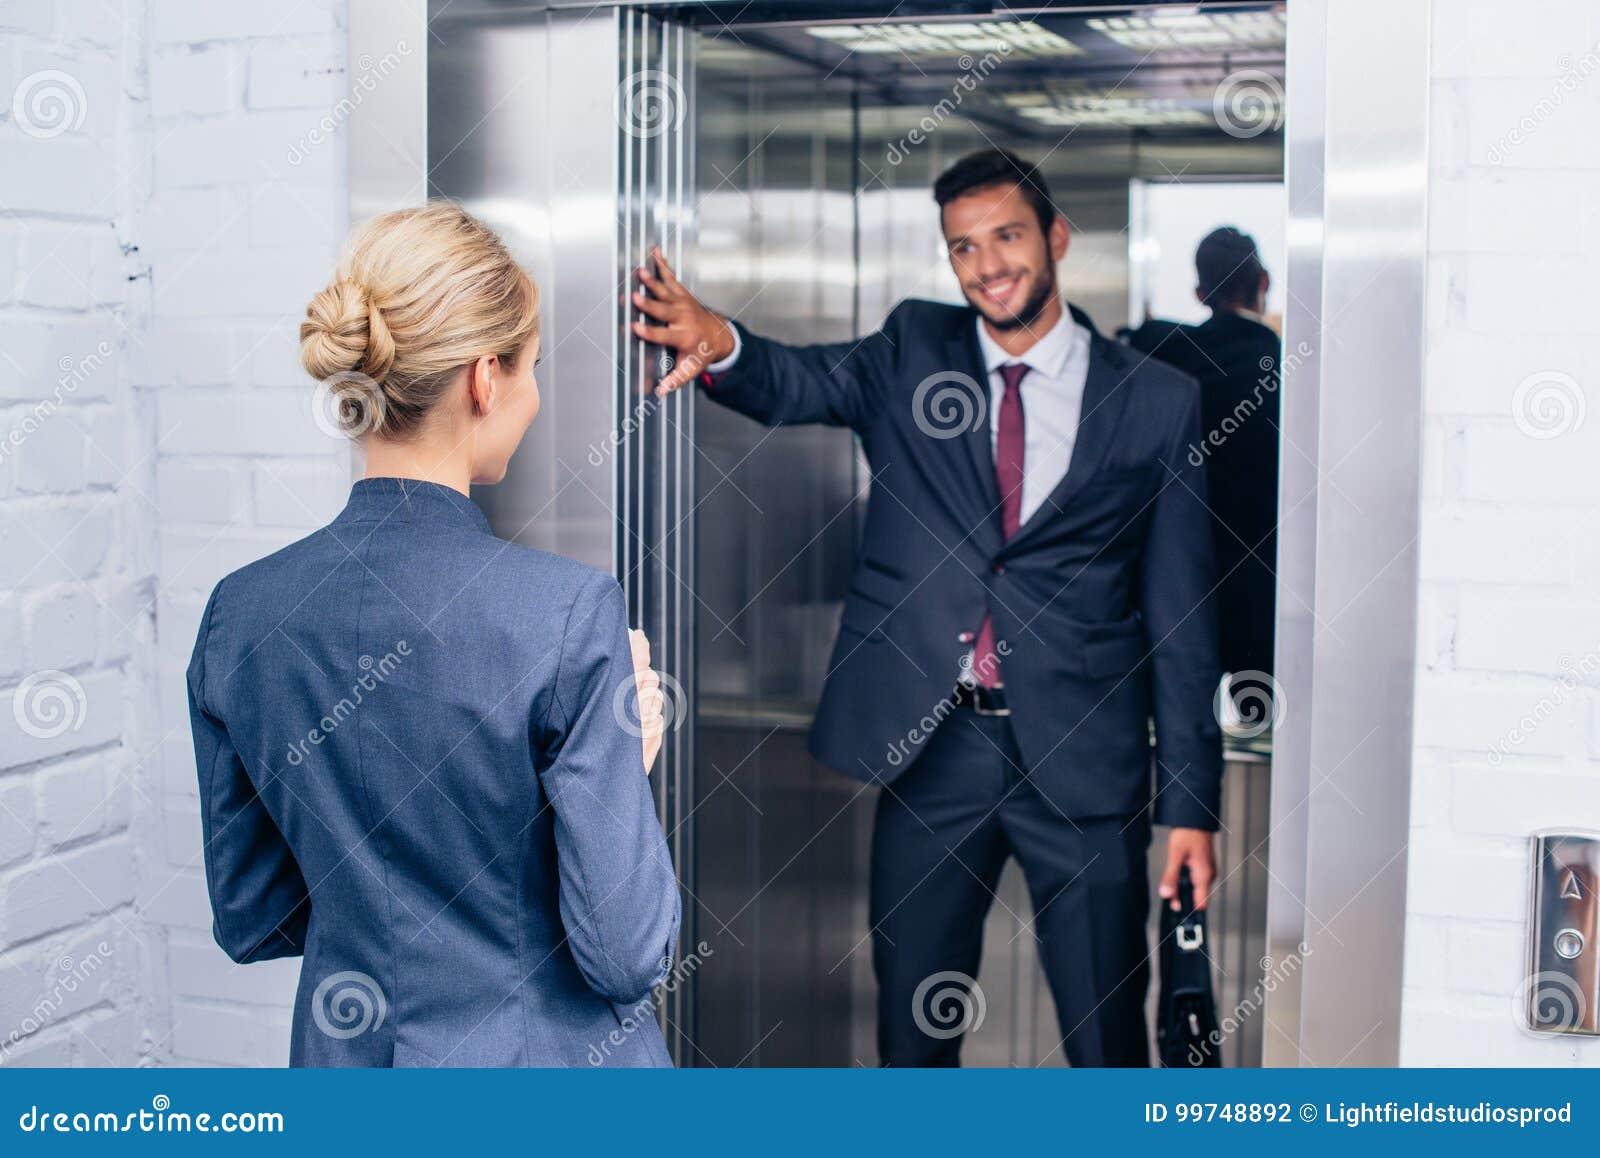 Businessman holding elevator door for woman